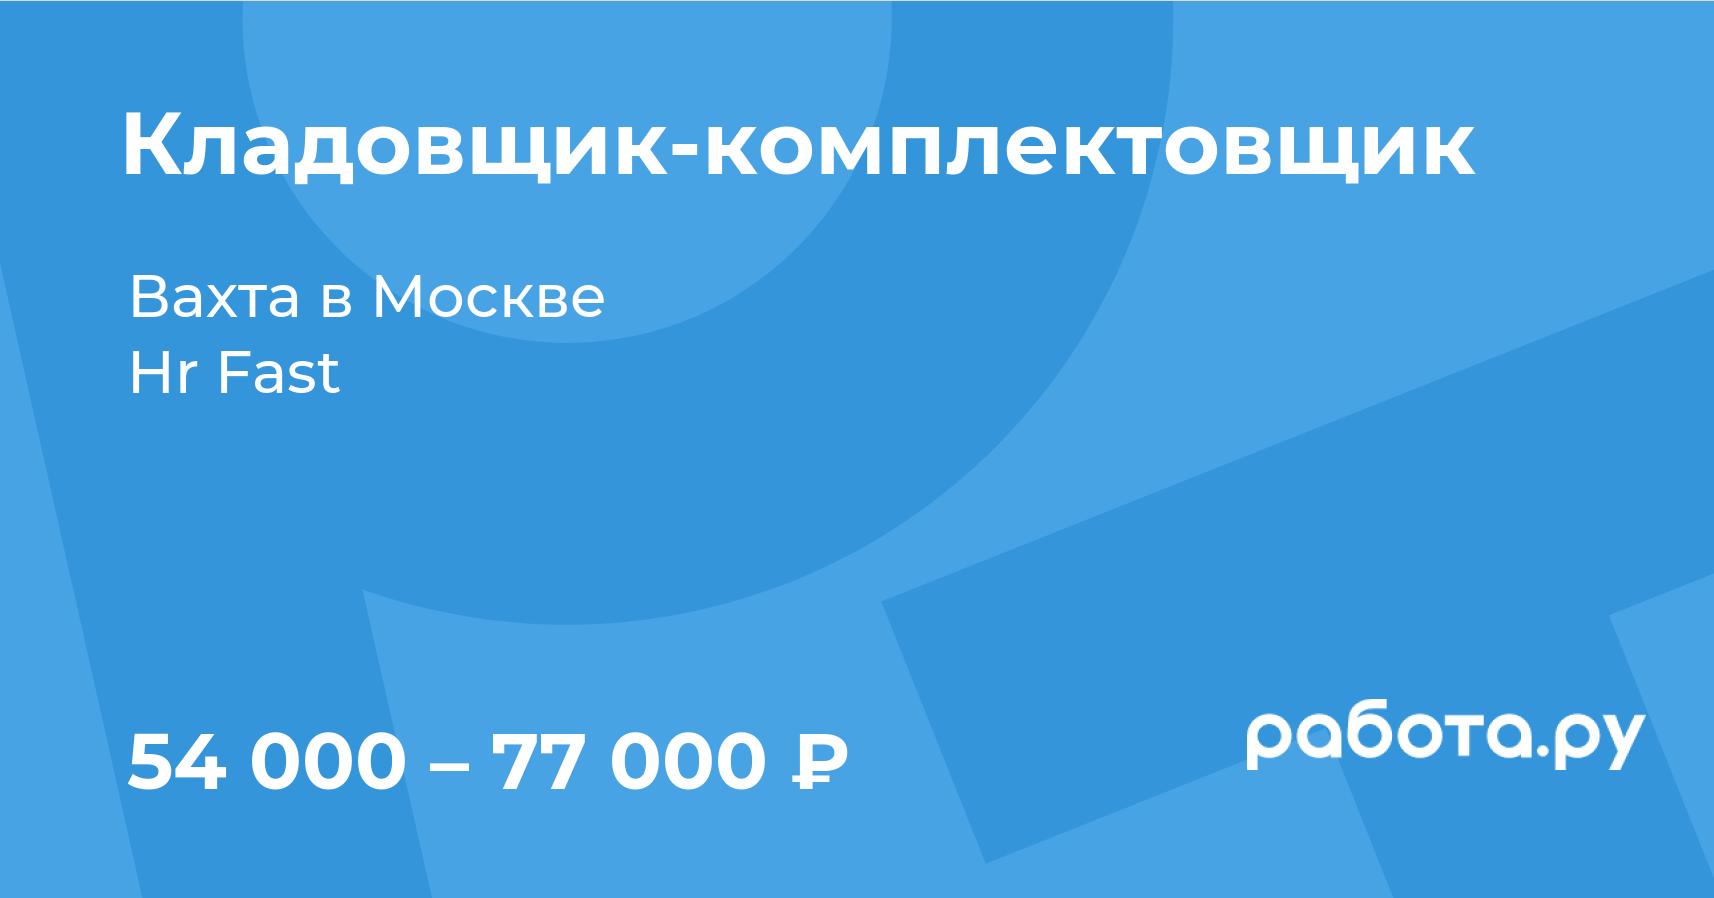 Вакансия Кладовщик-комплектовщик в Москве с зарплатой 77